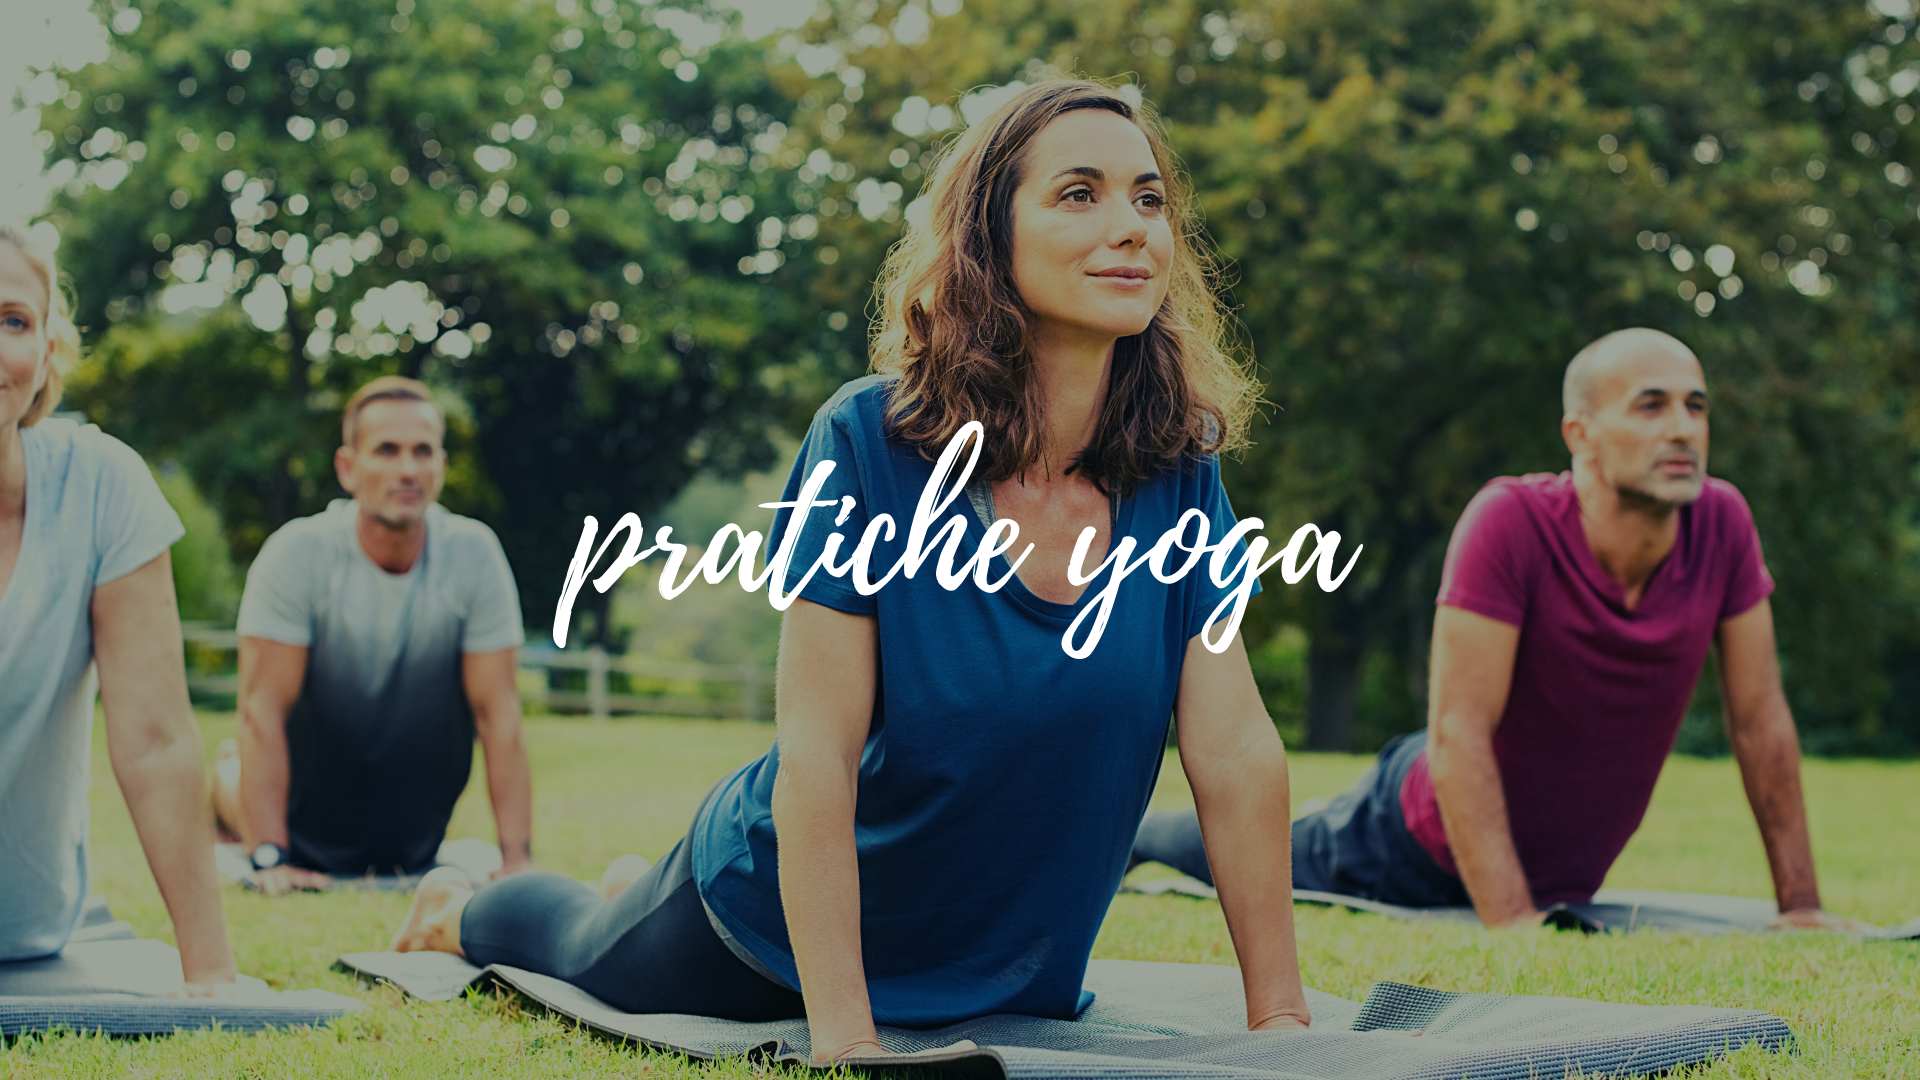 Pratiche yoga, mattina e pomeriggio